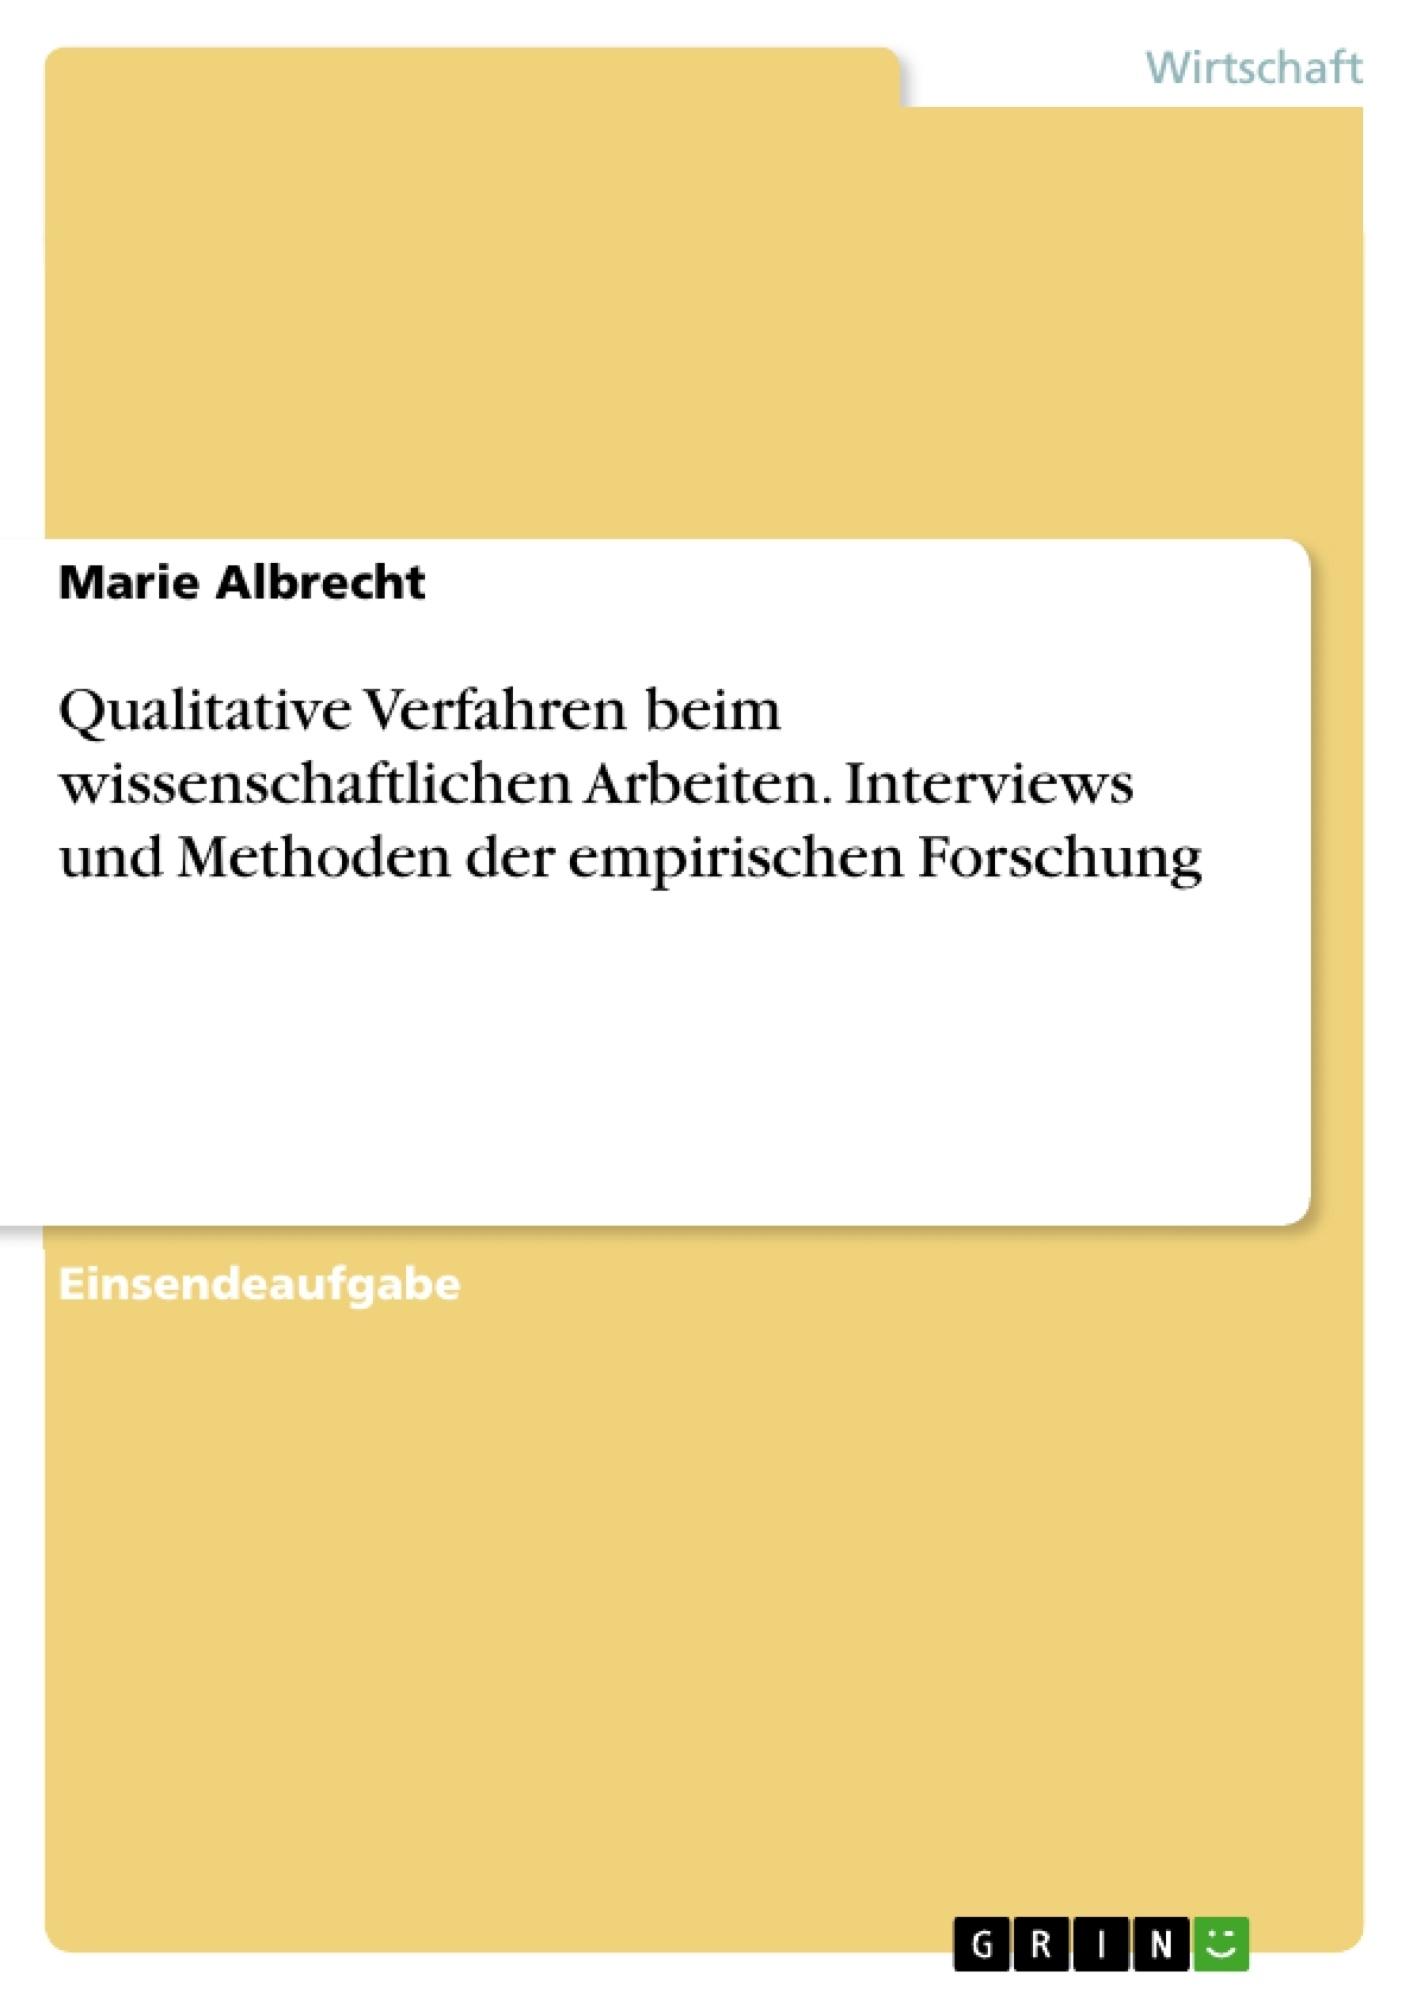 Titel: Qualitative Verfahren beim wissenschaftlichen Arbeiten. Interviews und Methoden der empirischen Forschung